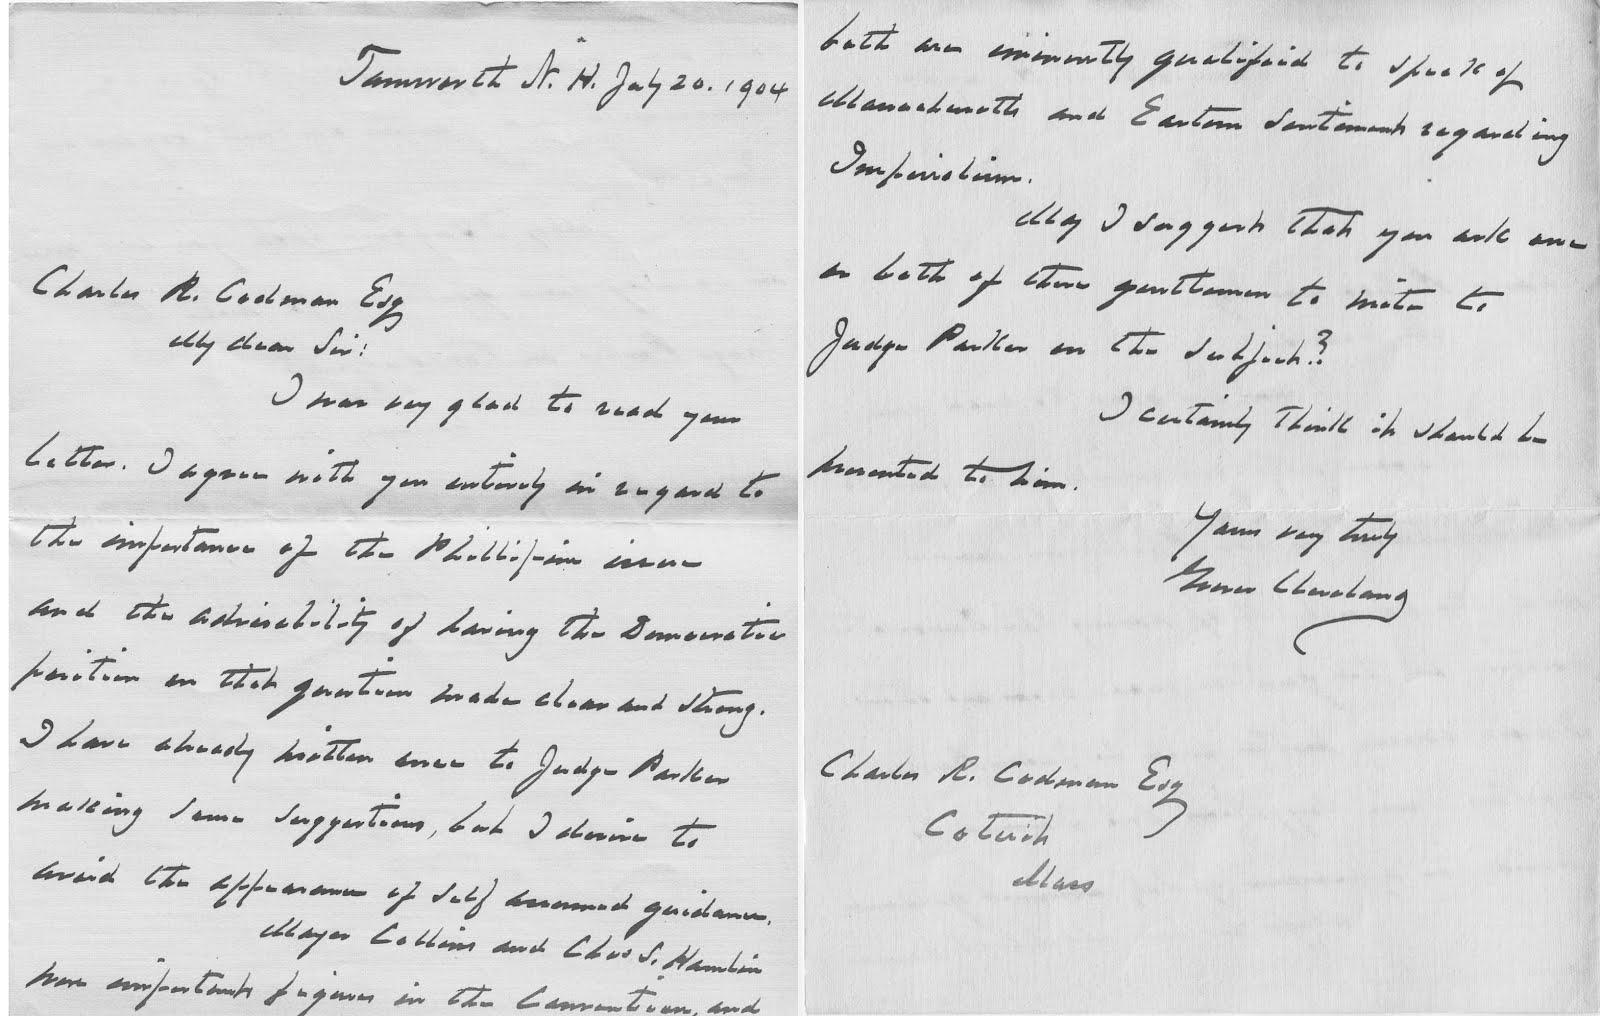 stunning handwritten cover letter samples in sample of a cover stunning handwritten cover letter samples in sample of a cover